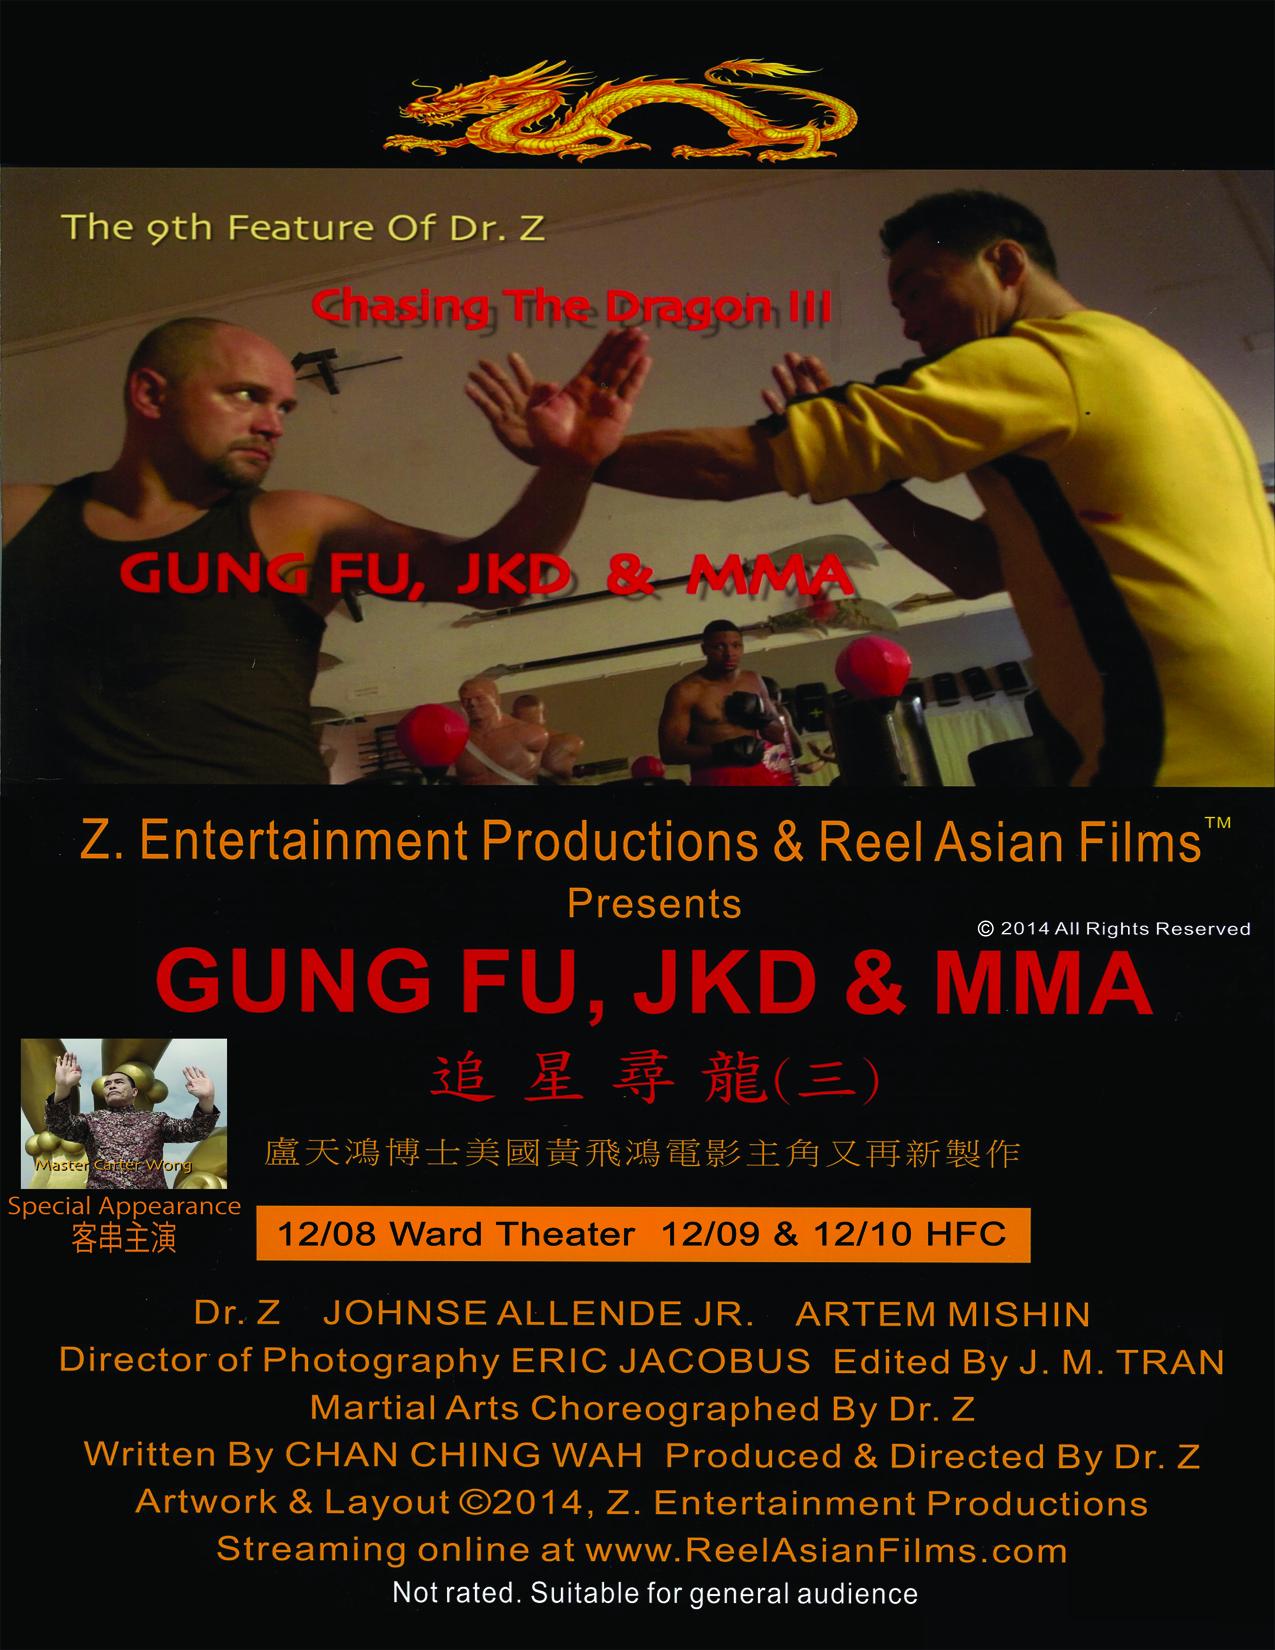 GungFuJKDPostcard.jpg